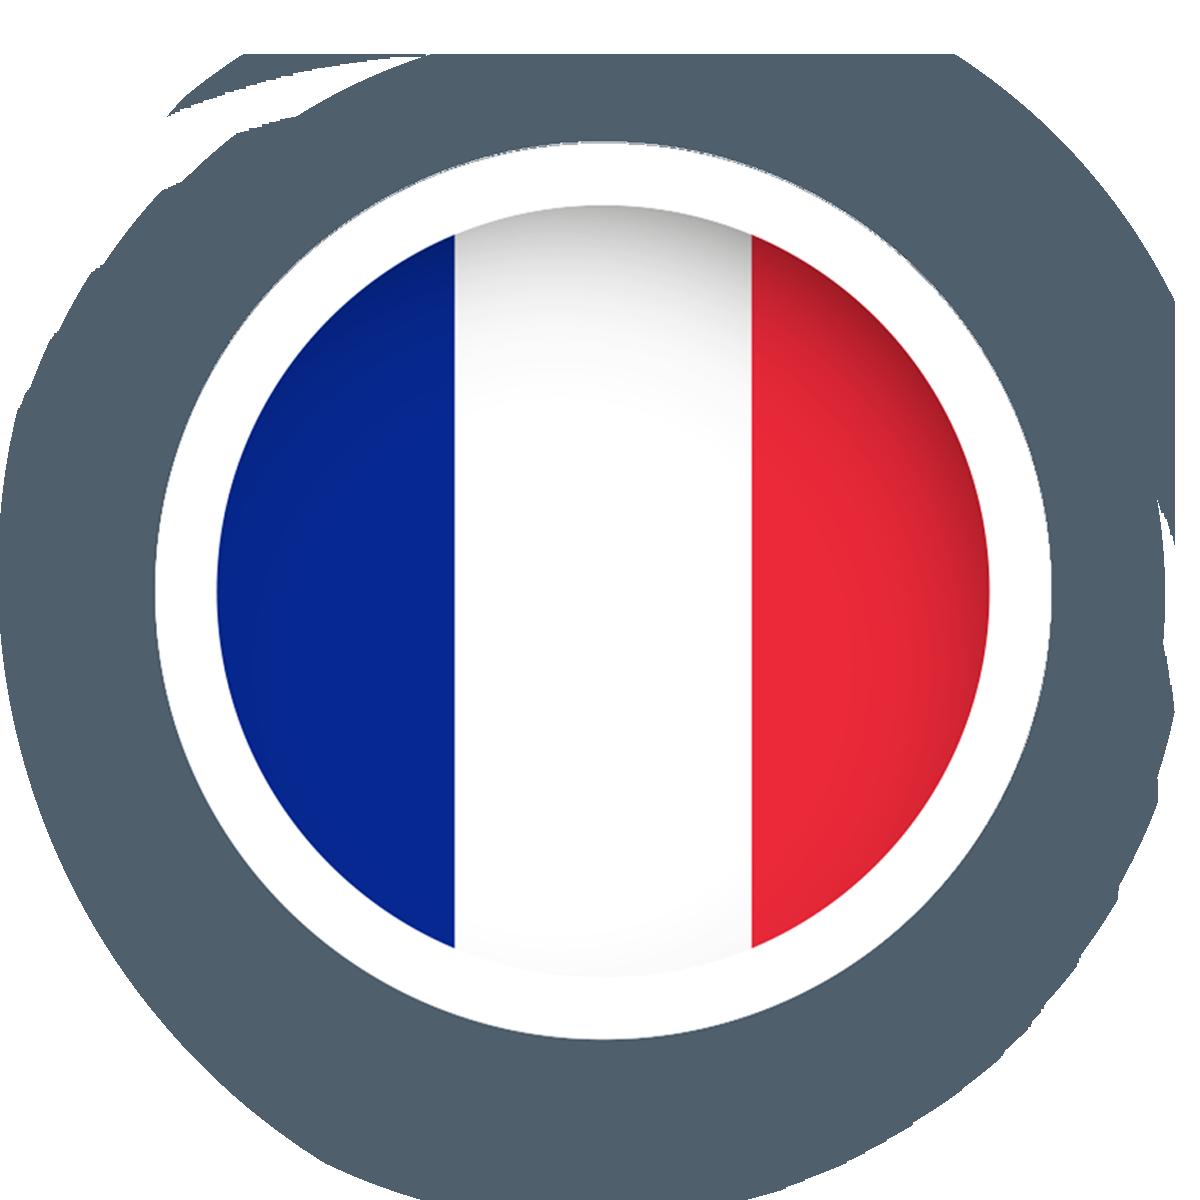 Diğer Yabancı Dil Eğitimleri - Fransizca kategori - Amerikan Dili Edebiyatı Yabancı Dil Kursları -